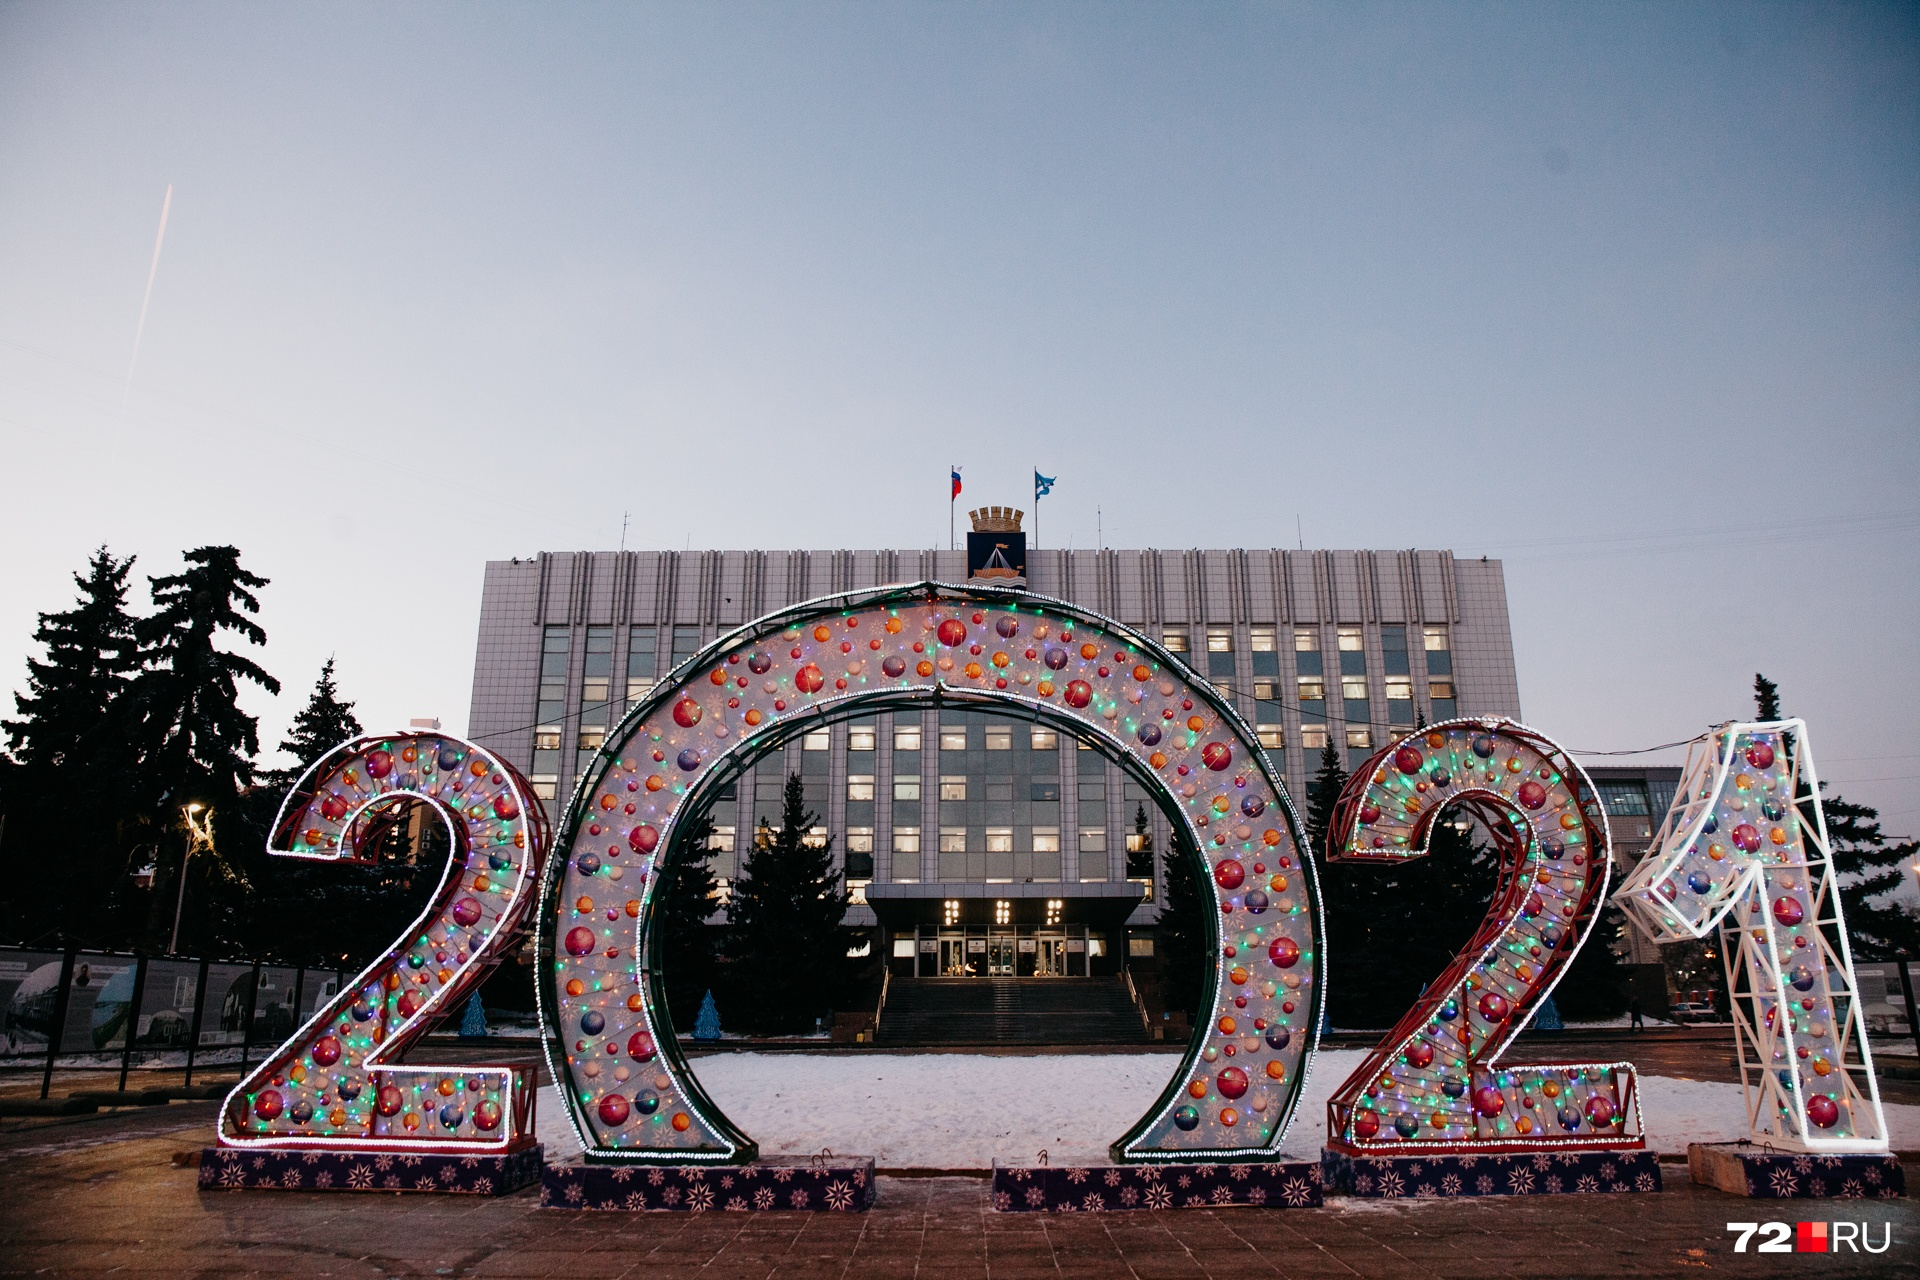 Начнем наше путешествие от площади у здания городской администрации. Тут уже красуются огромные сверкающие цифры, которые складываются в единое целое